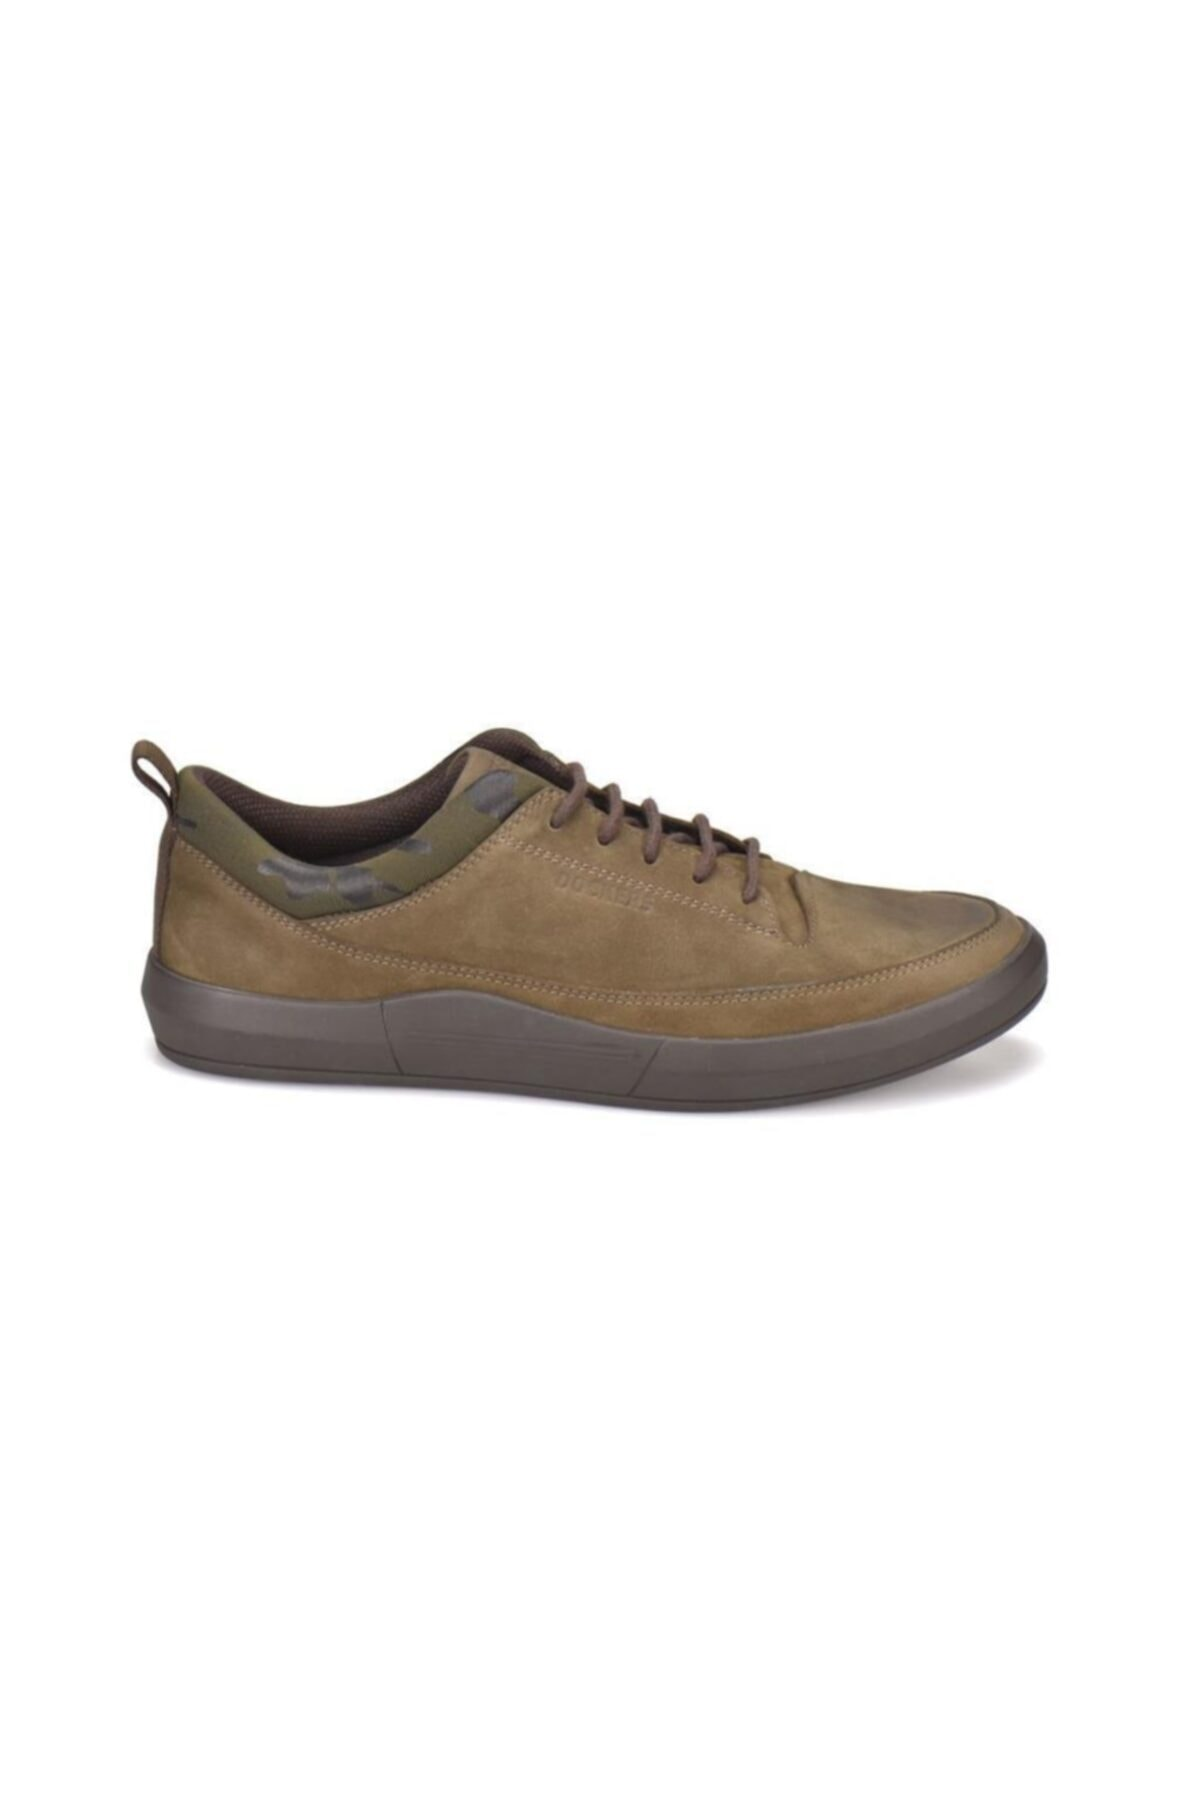 Dockers 225090 Hakiki Deri Comfort Casual Erkek Ayakkabısı 2